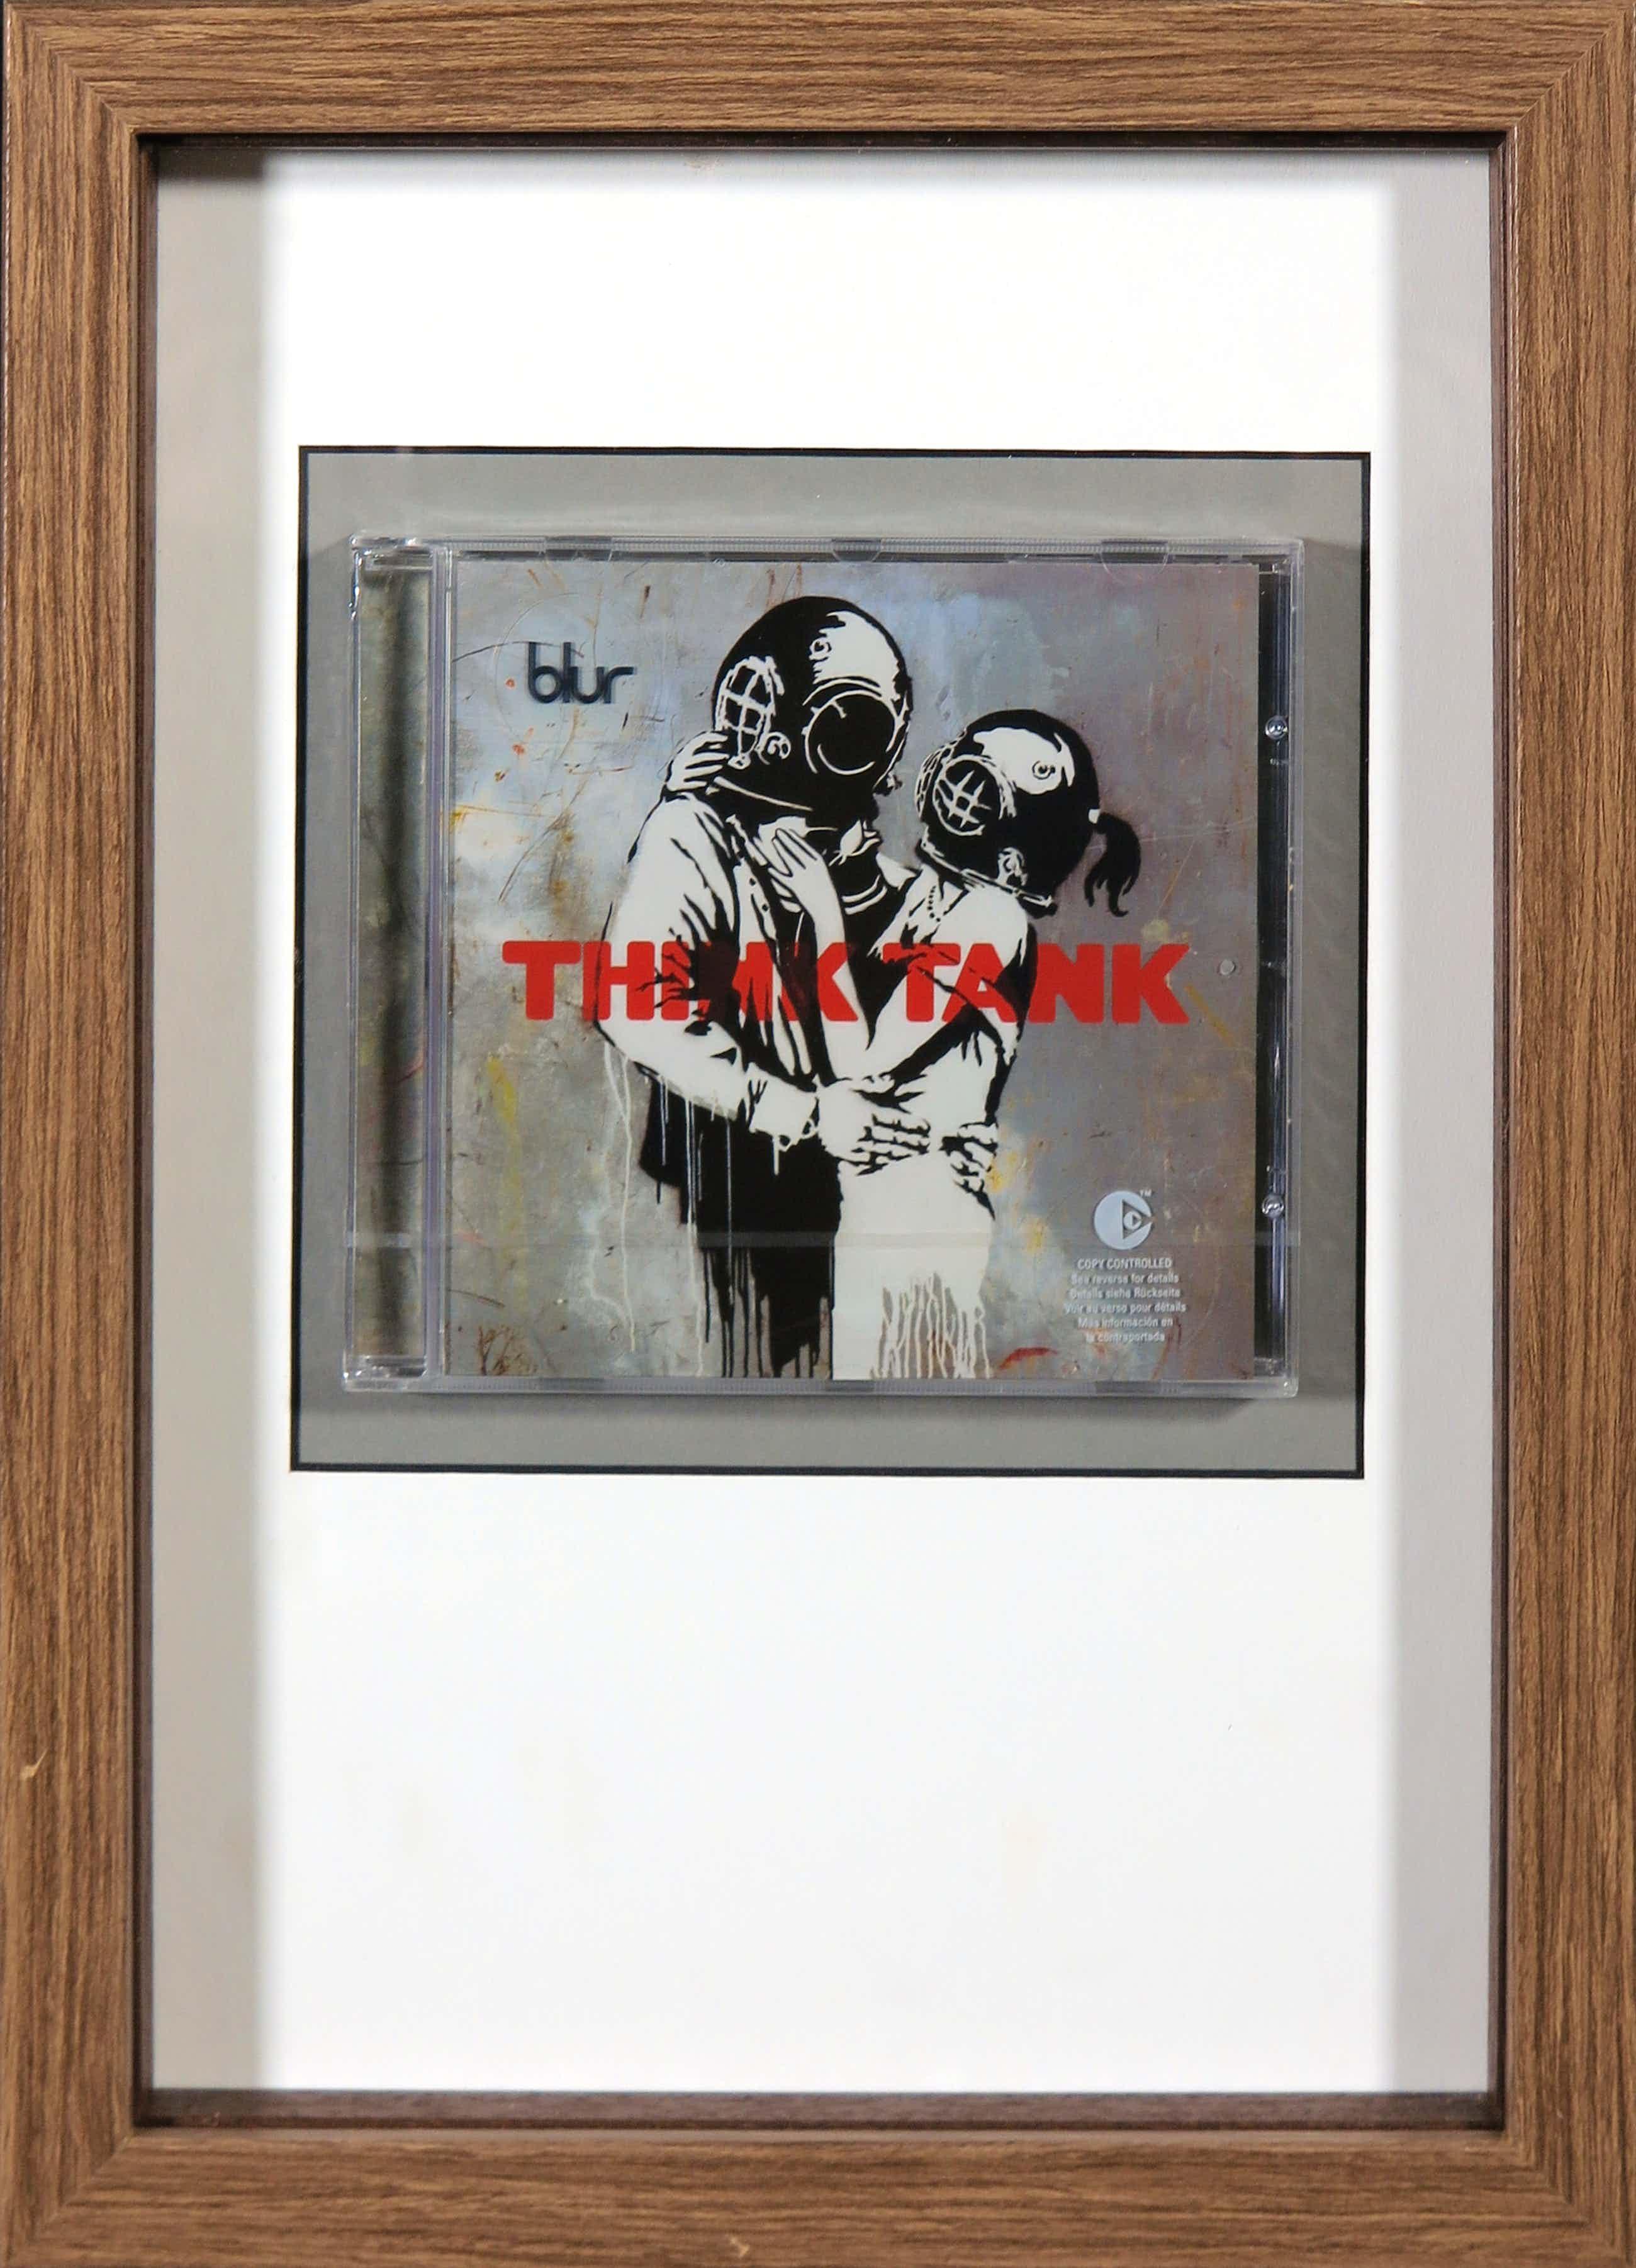 Banksy - Blur - Think Tank (CD) kopen? Bied vanaf 60!